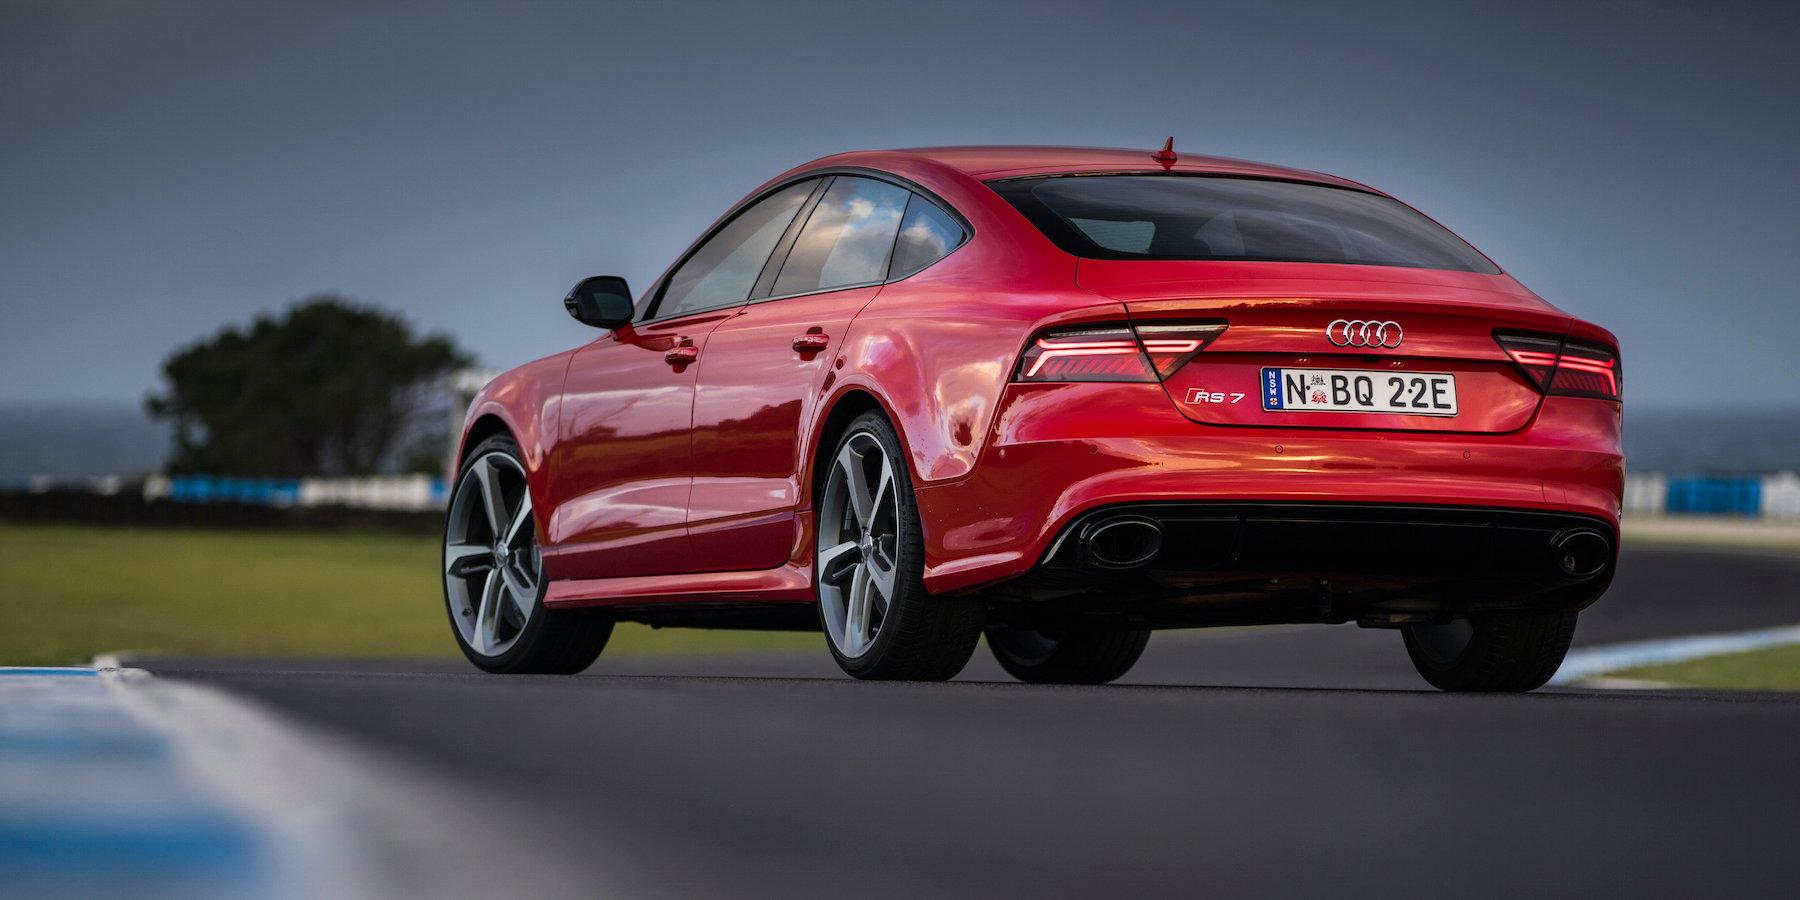 2015 Audi RS7 Sportback Review - photos | CarAdvice